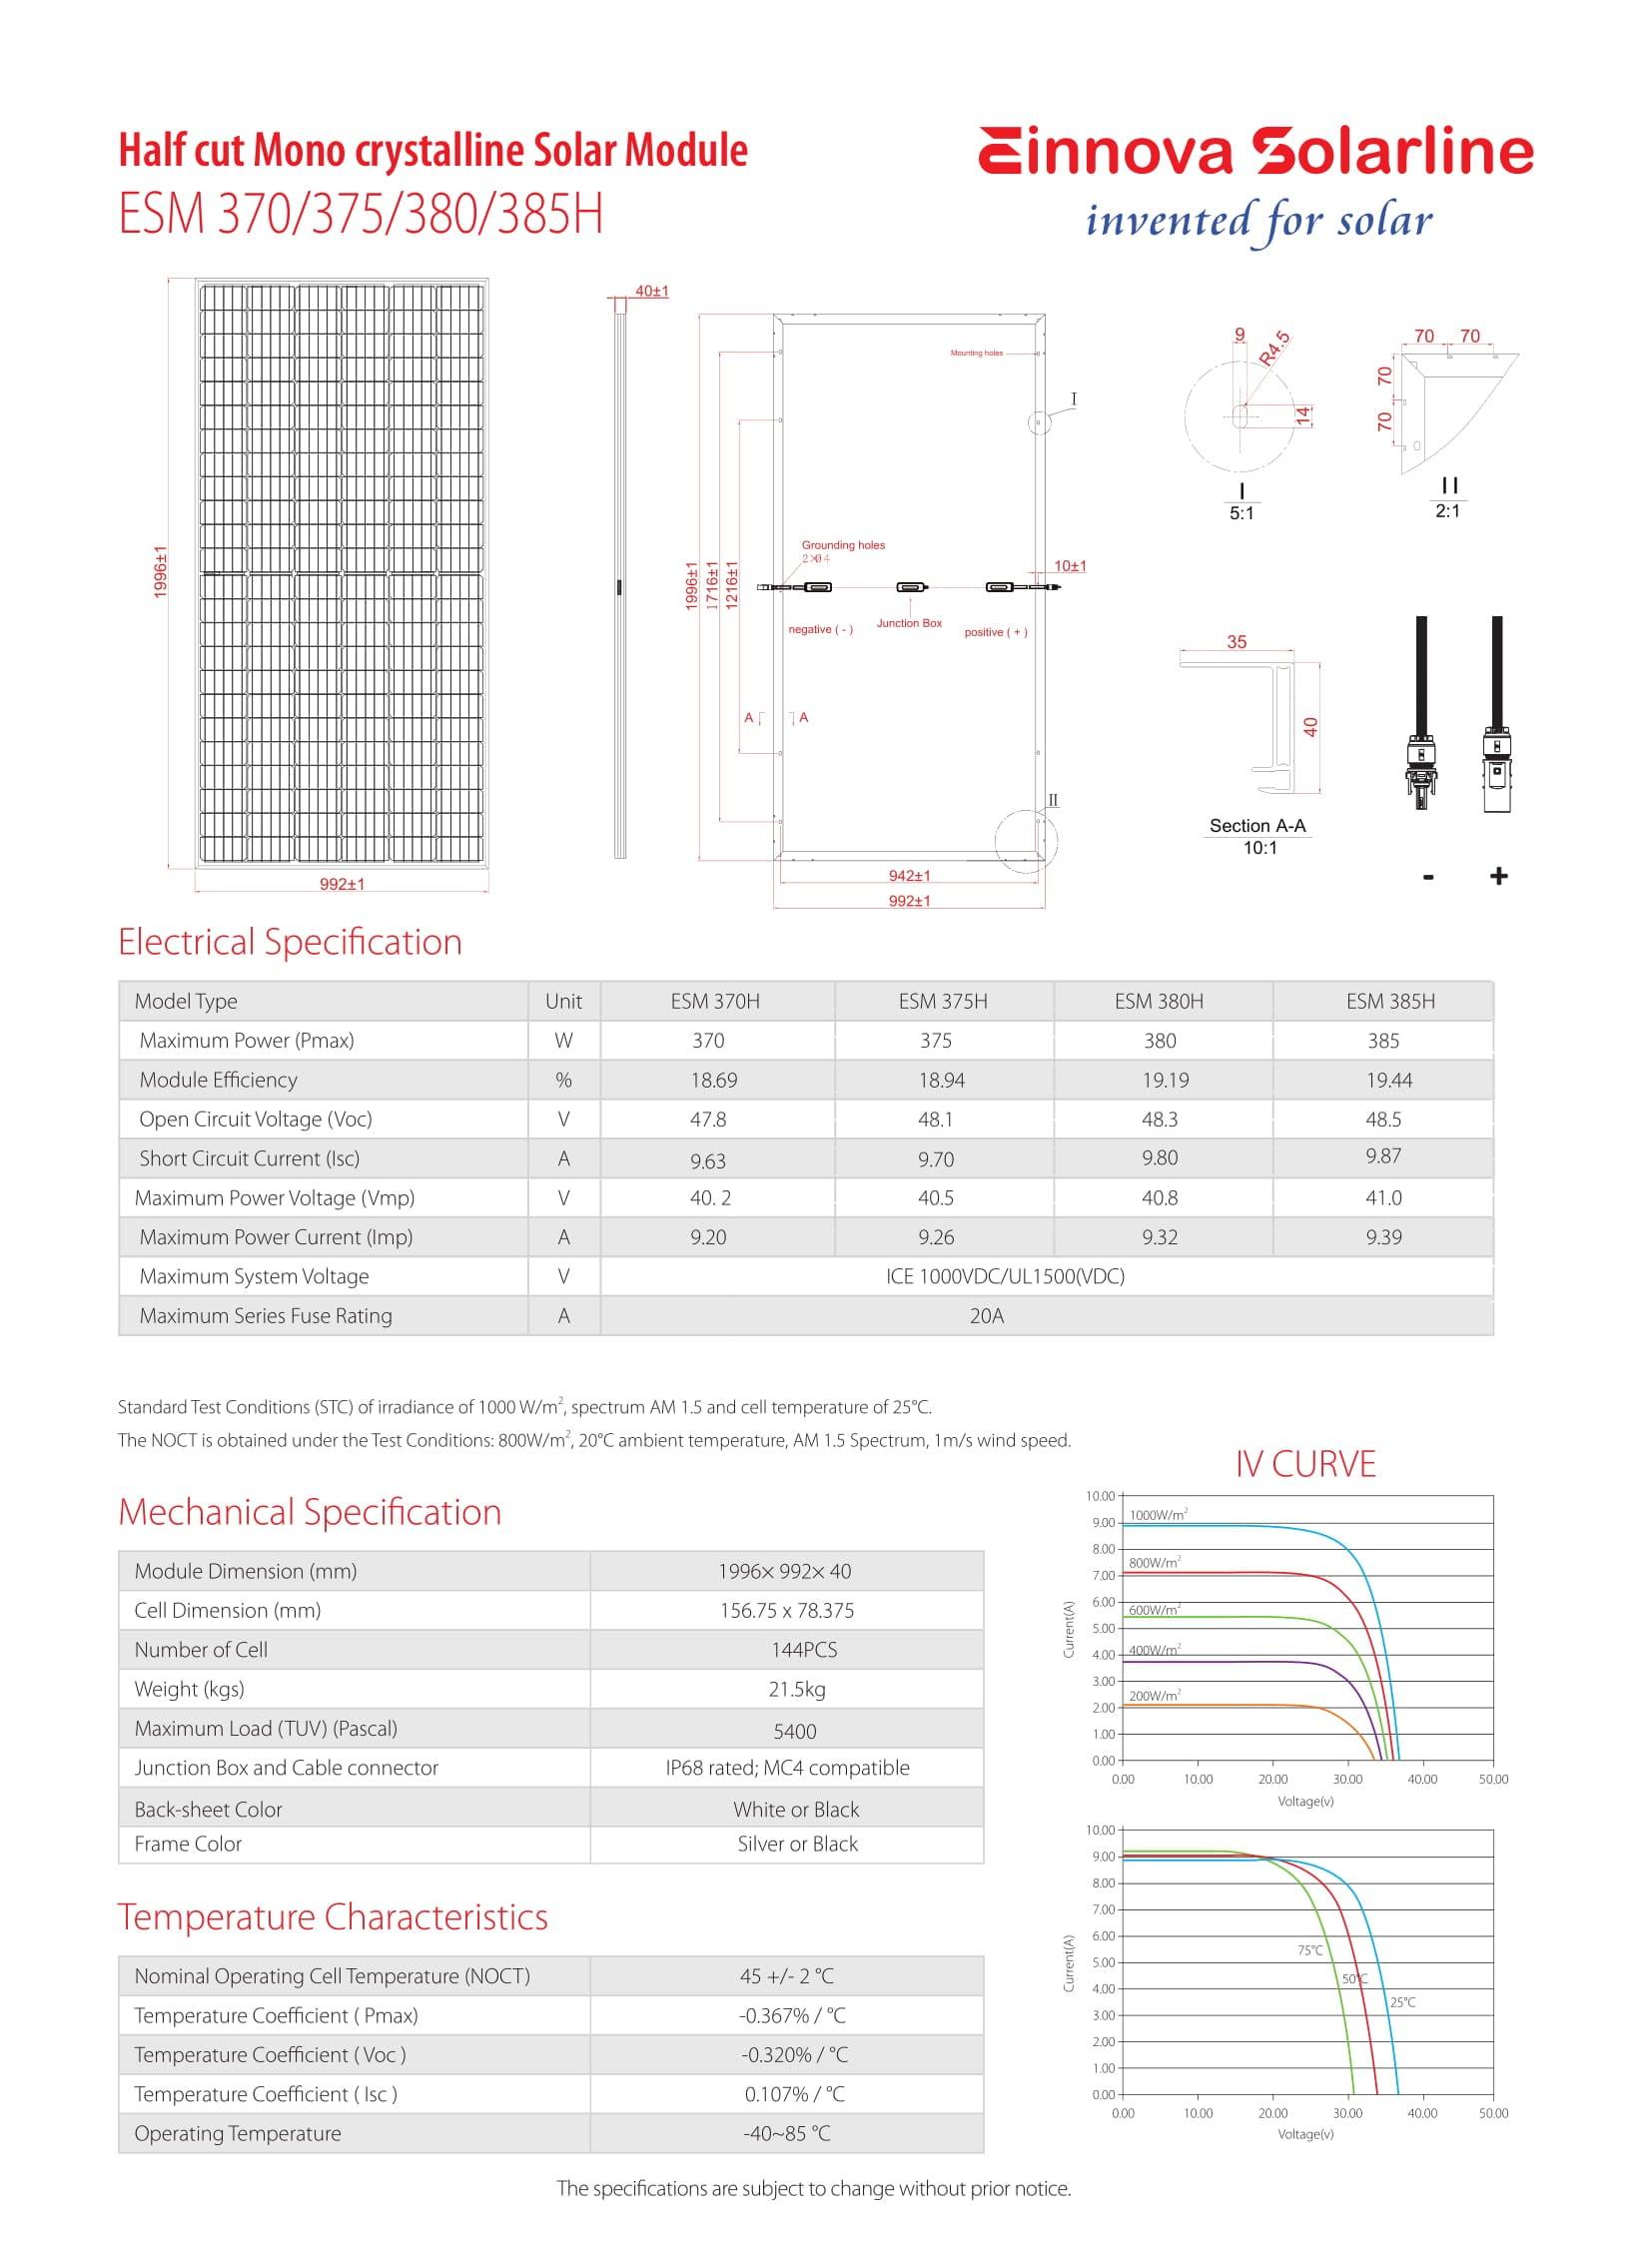 ESM 370-385H PDF | Sernolux.com